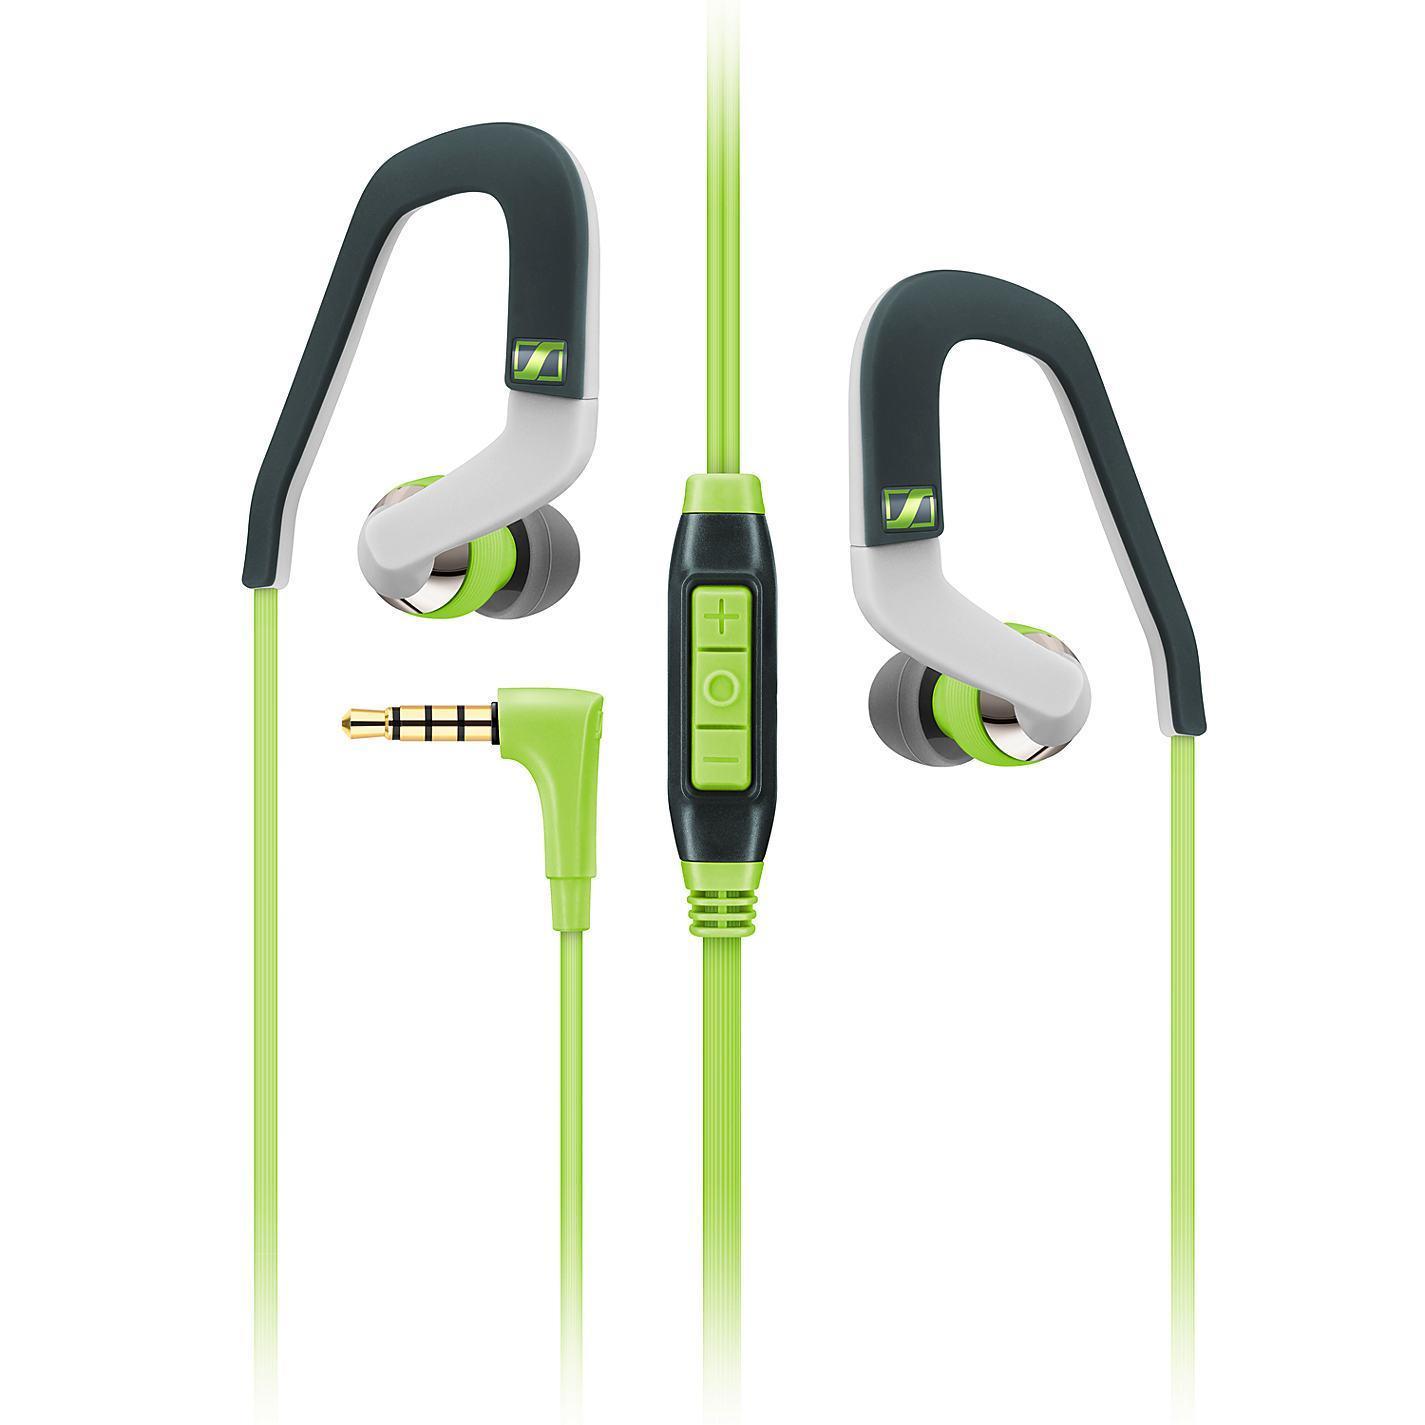 Sennheiser OCX 686G Sports, Green наушники506226Высокопроизводительные драйверы мобильных наушников Sennheiser OCX 686G SPORTS обеспечивают великолепное качество звука, а внутриканальная конструкция - защиту от окружающего шума. Легкий вес, эргономичный дизайн и гибкие заушины способствуют надежной посадке, что позволит Вамповысить интенсивность тренировки.